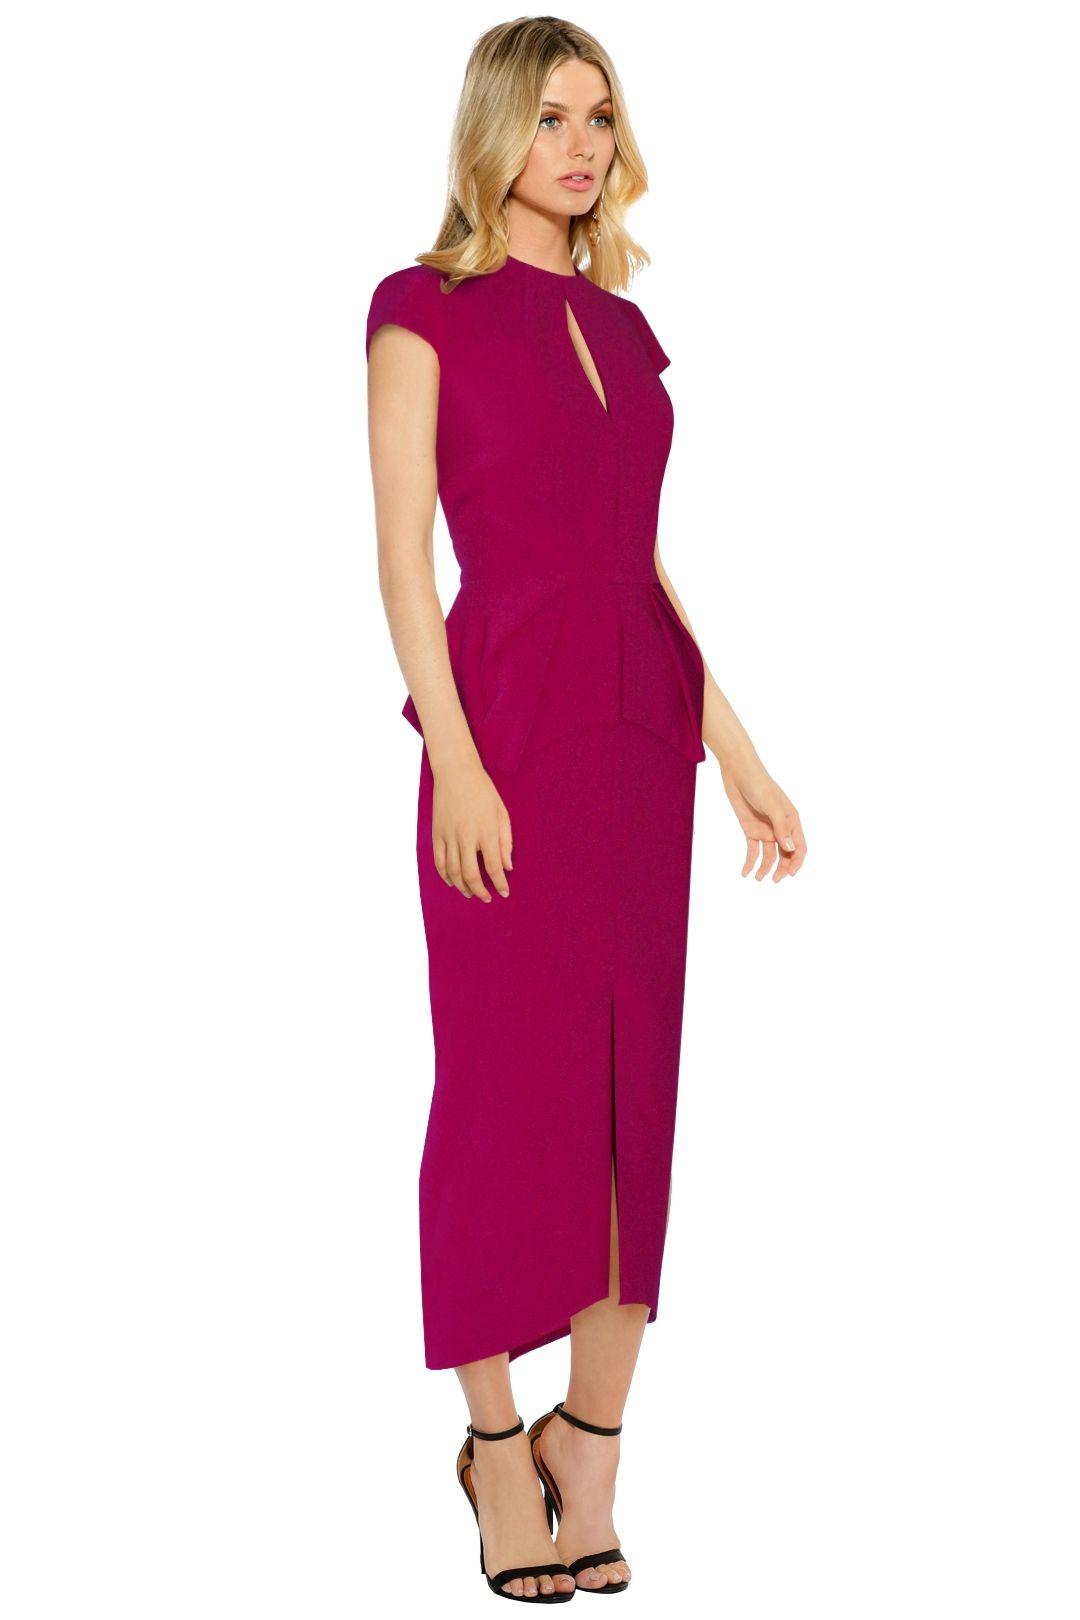 Aurelio Costarella - Cubiste Dress - Berry - Side